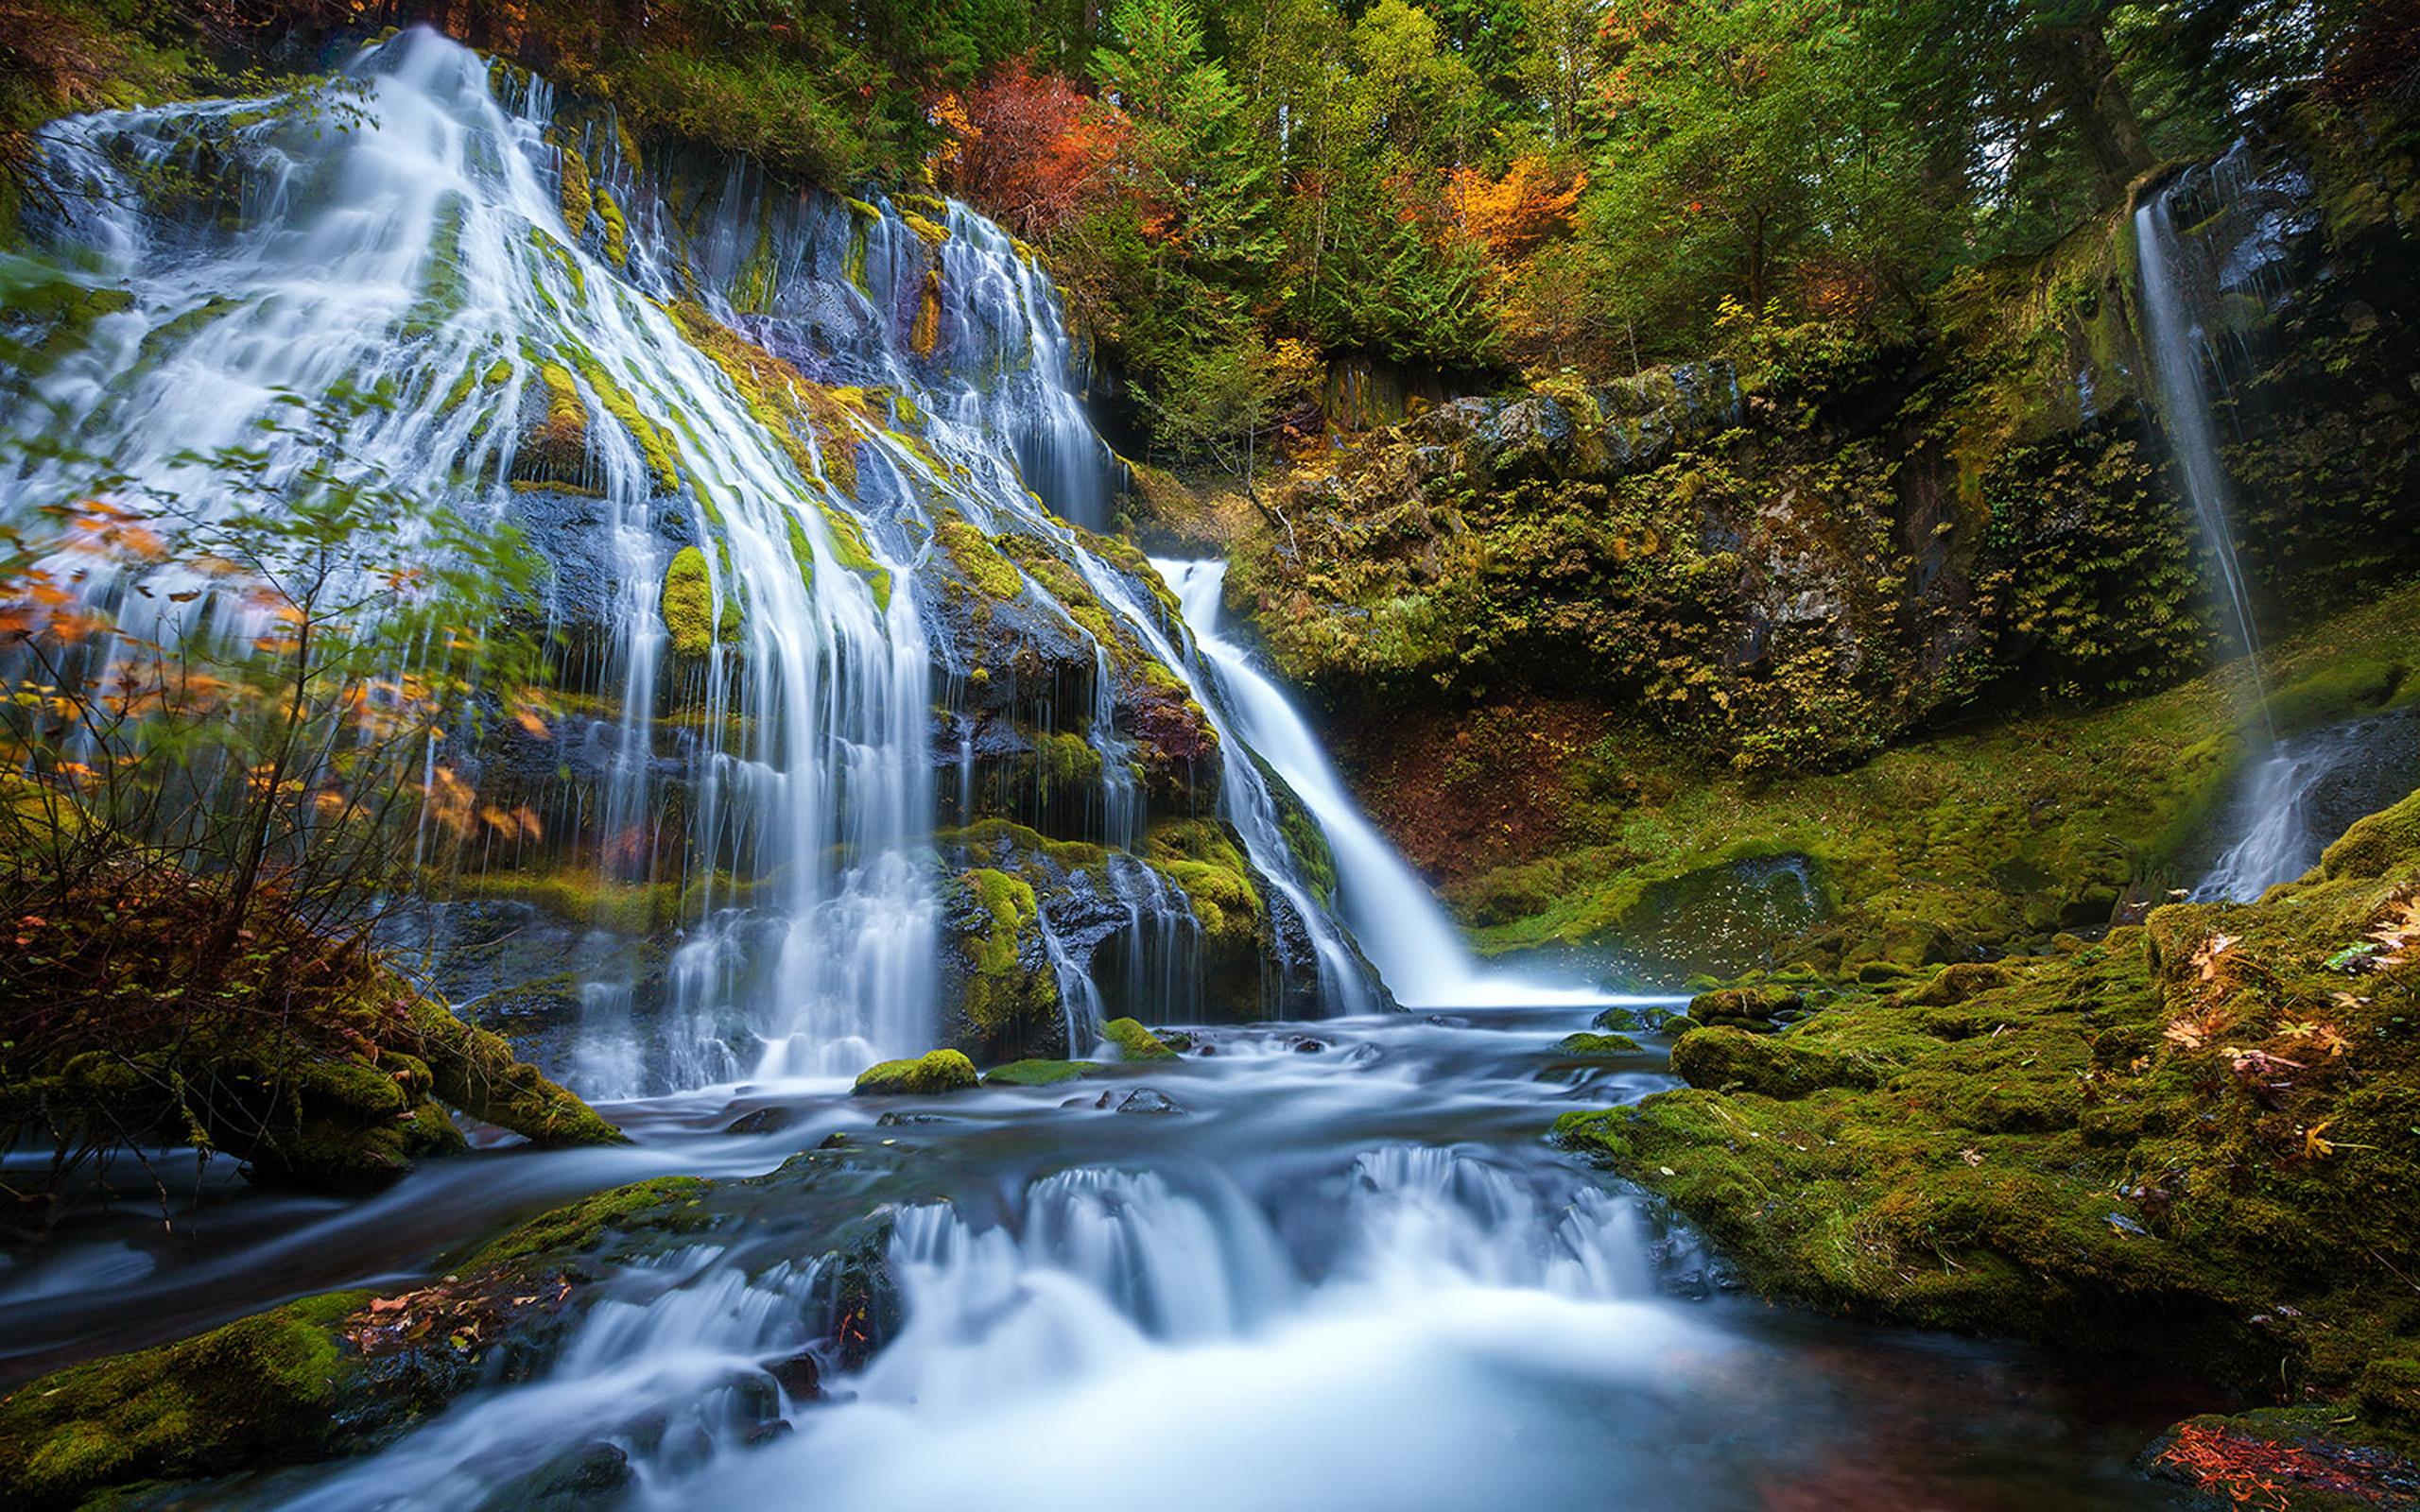 Fall Colors Computer Wallpaper Panter Creek Falls Waterfall 130 Meters High Panther Creek